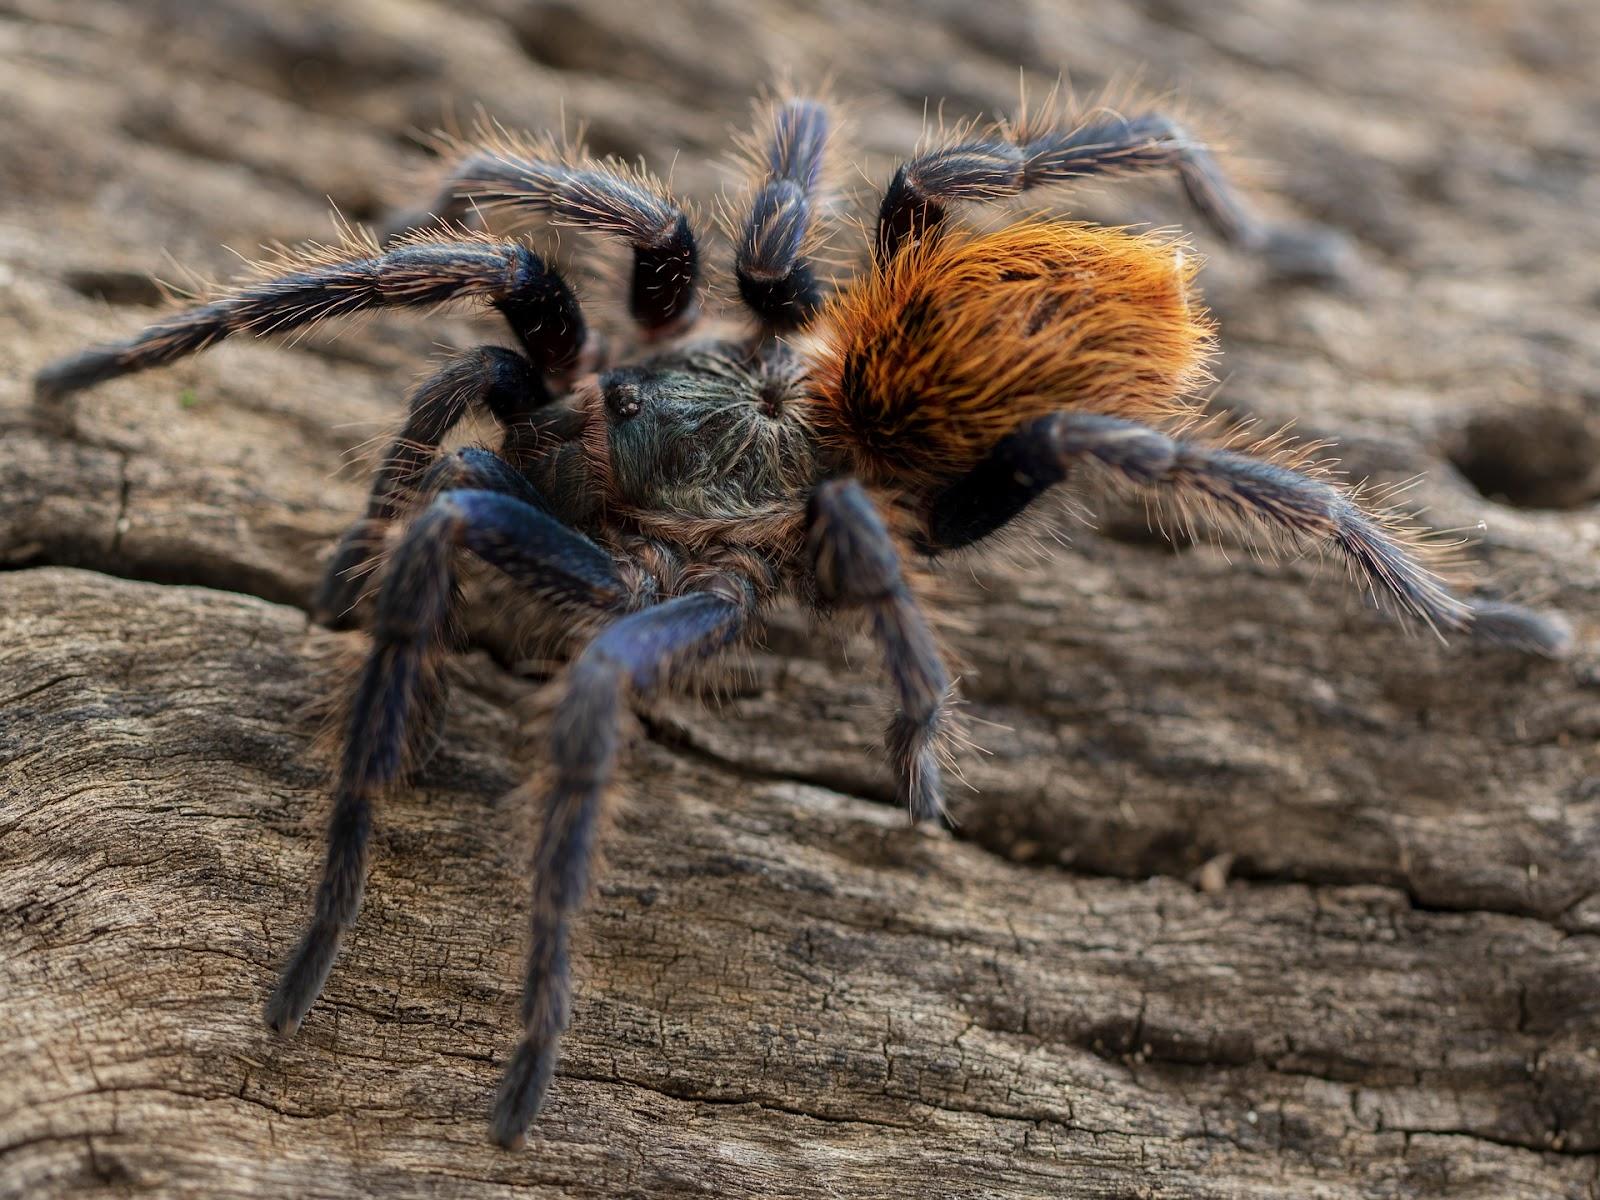 Tarantula crawling on bark